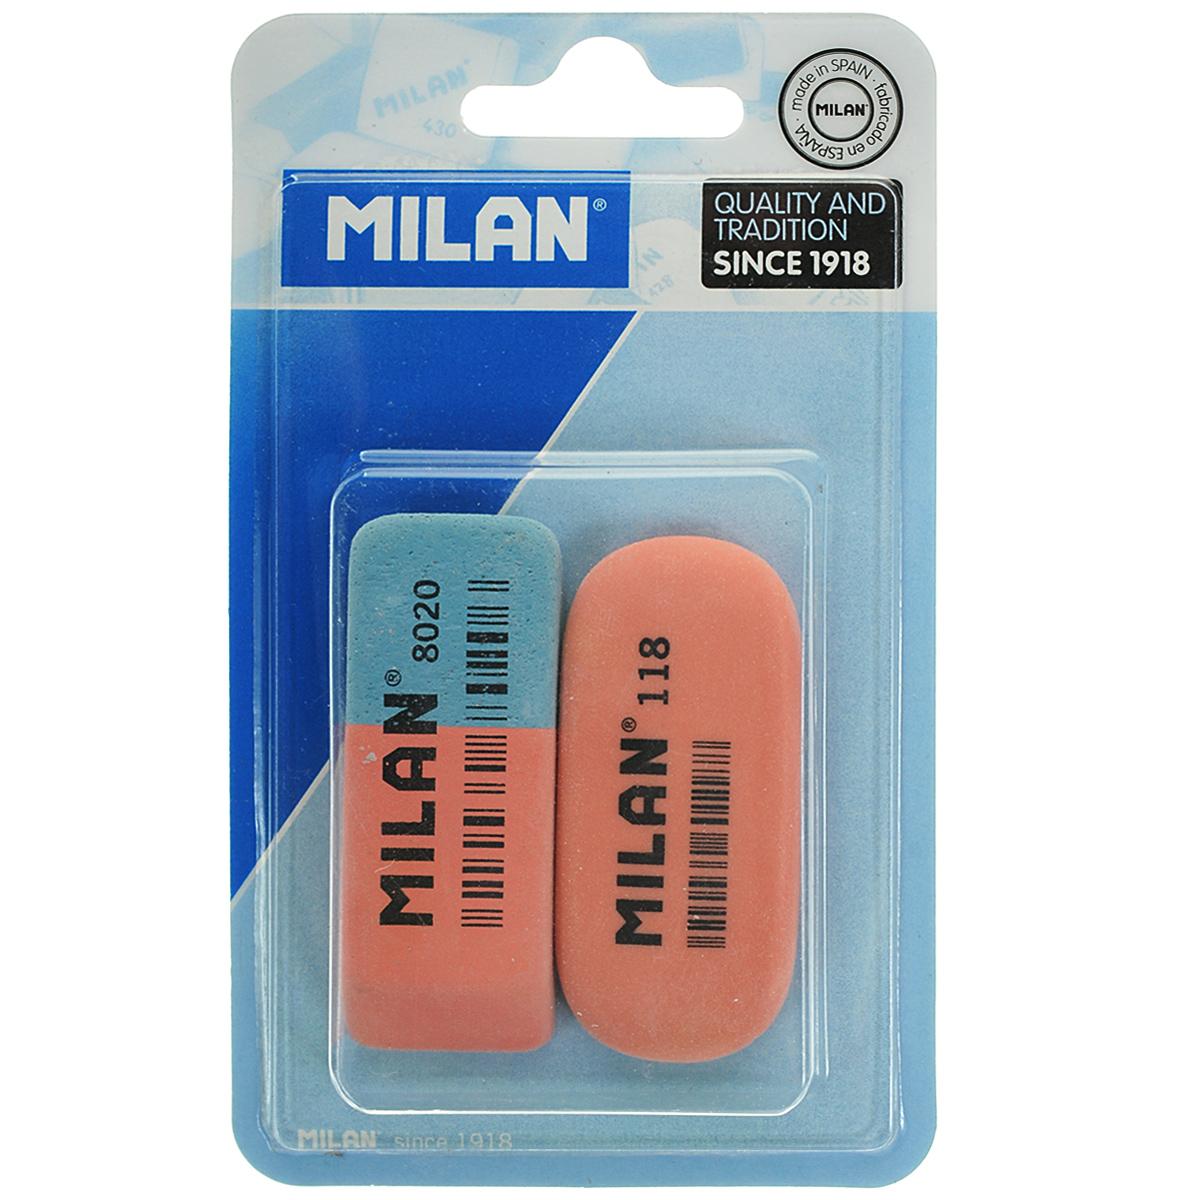 Набор ластиков Milan, 2 шт. 8020+118//92168020+118//9216Ластики из набора Milan предназначены для стирания карандашей и чернил с бумаги различной плотности. Один из ластиков - натуральный. Синяя сторона другого ластика предназначена для работы с цветными пигментами и чернилами, красная - для графитовых надписей. В комплекте два ластика.